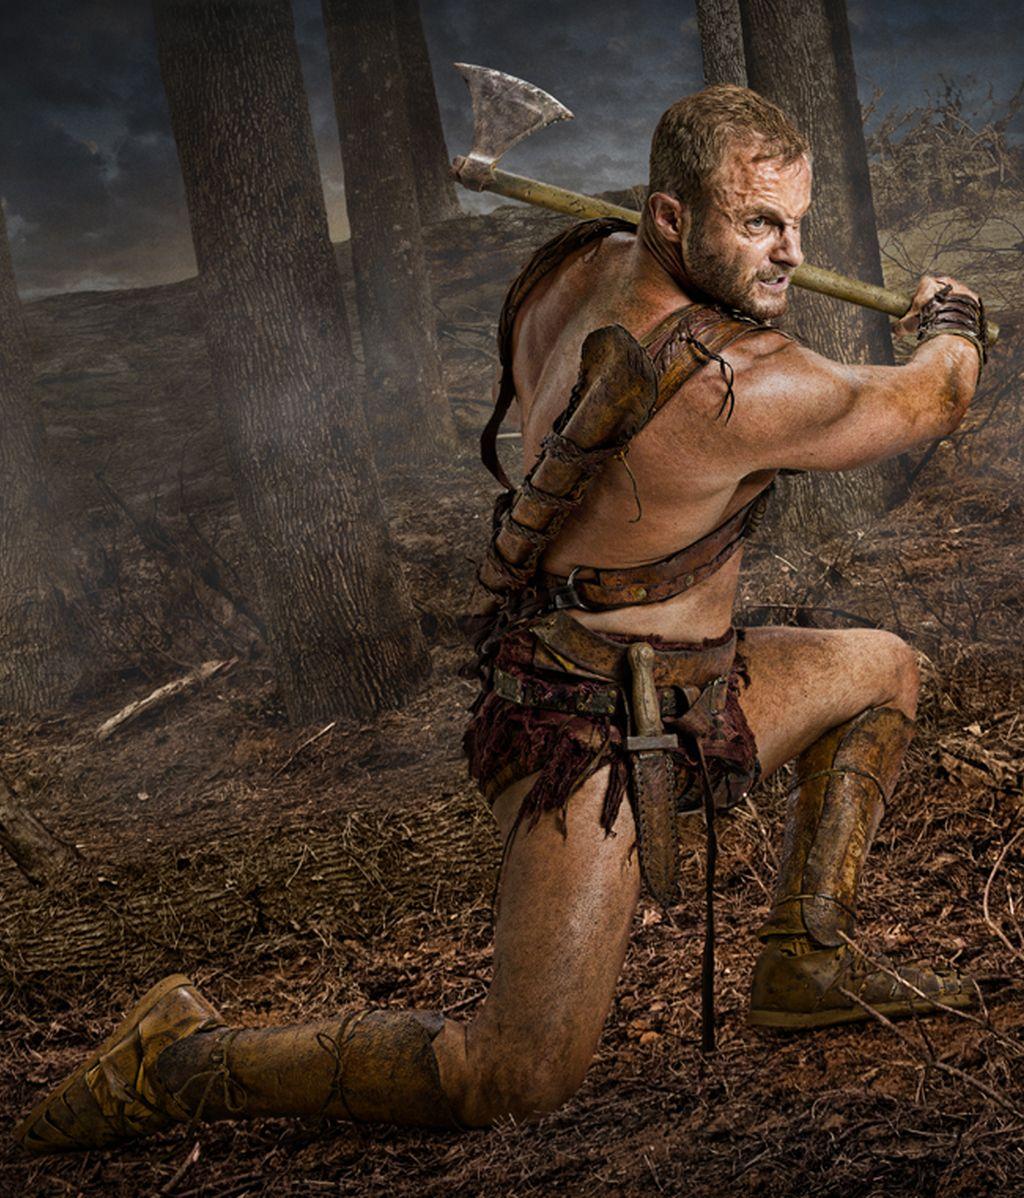 Un gladiador empieza desde abajo